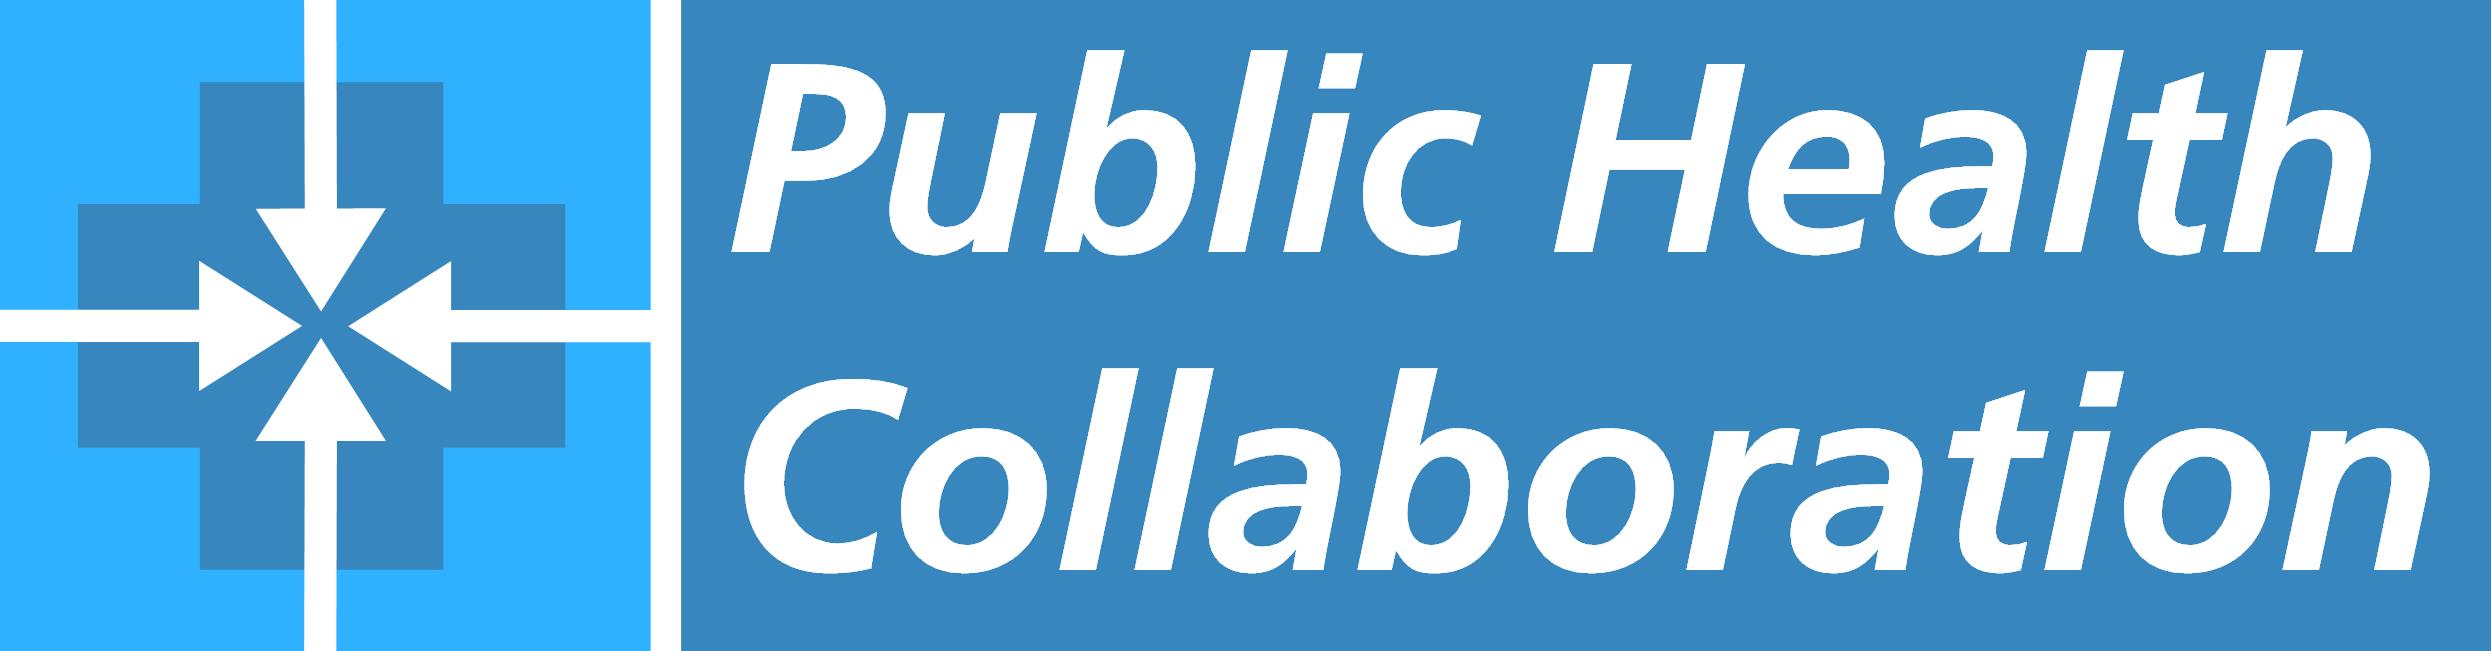 Public Health Collaboration - 300dpi